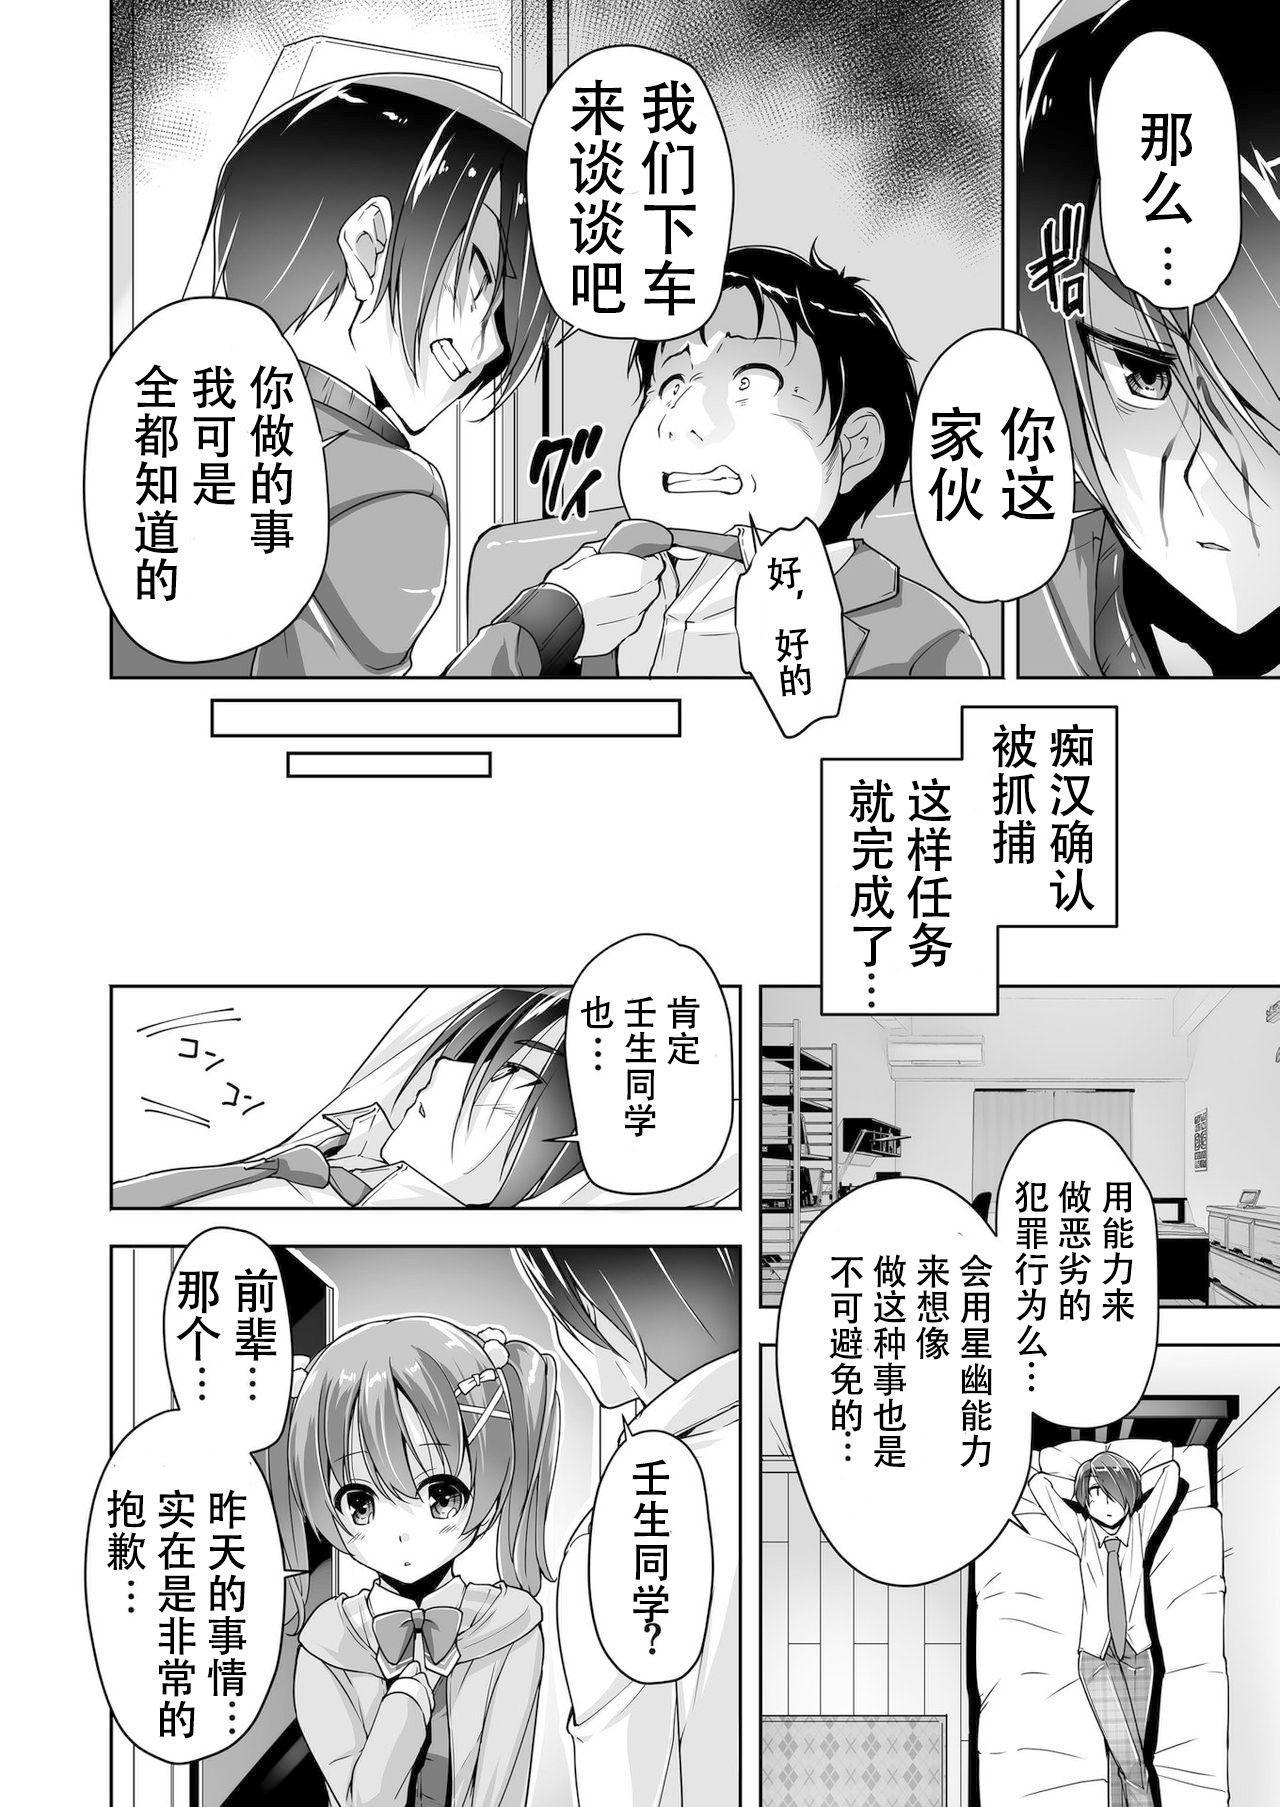 Chisaki to chikan play de hatsu H! ? 7